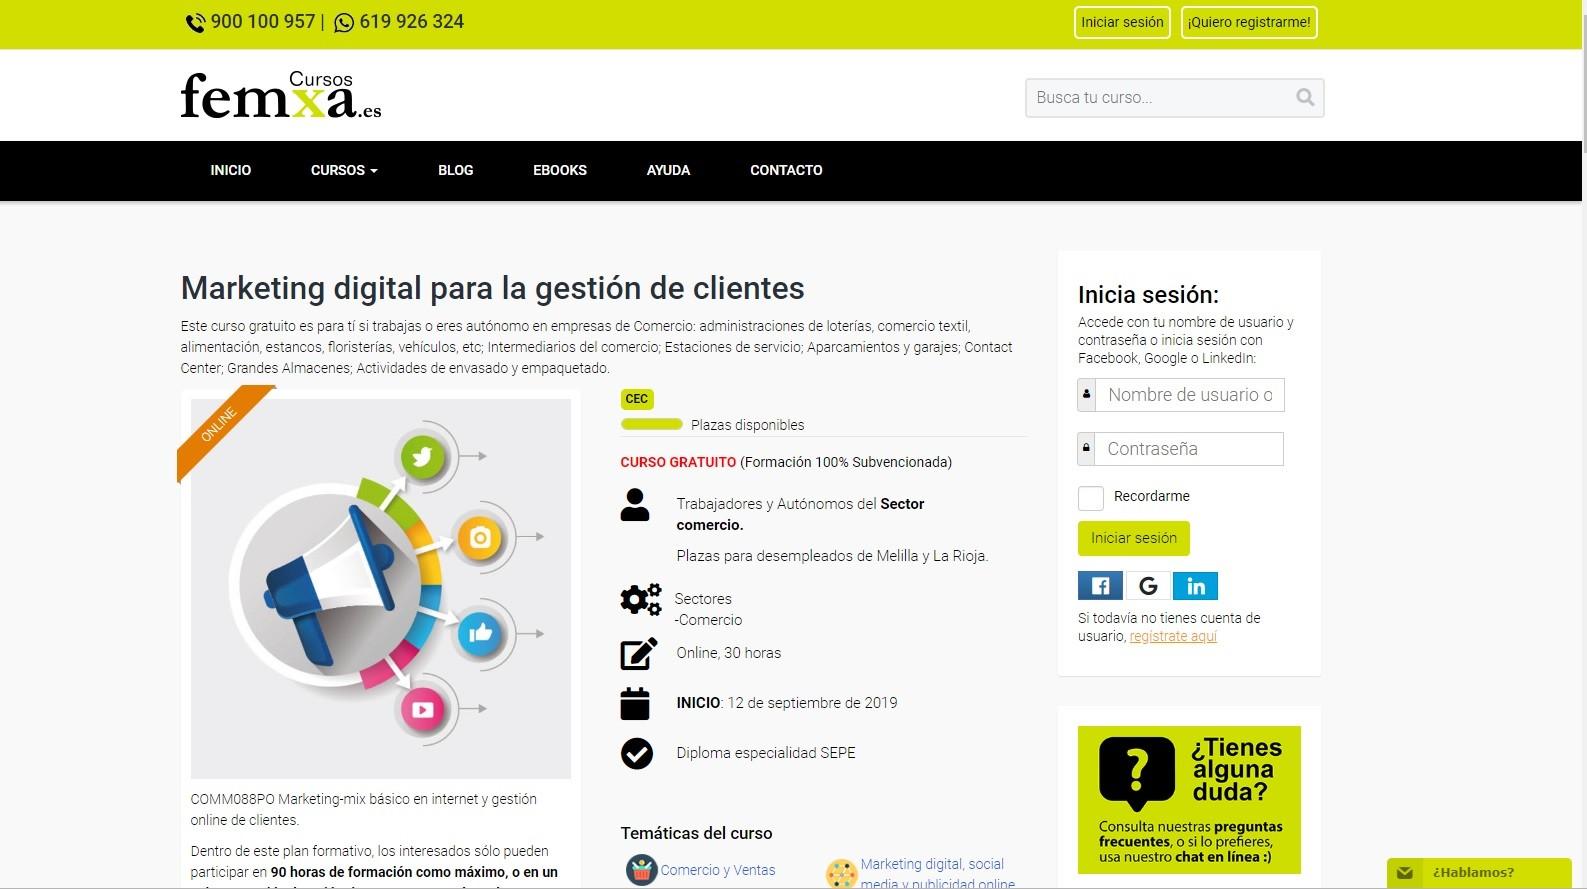 Femxa es una plataforma que ofrece curos online gratuitos para desempleados